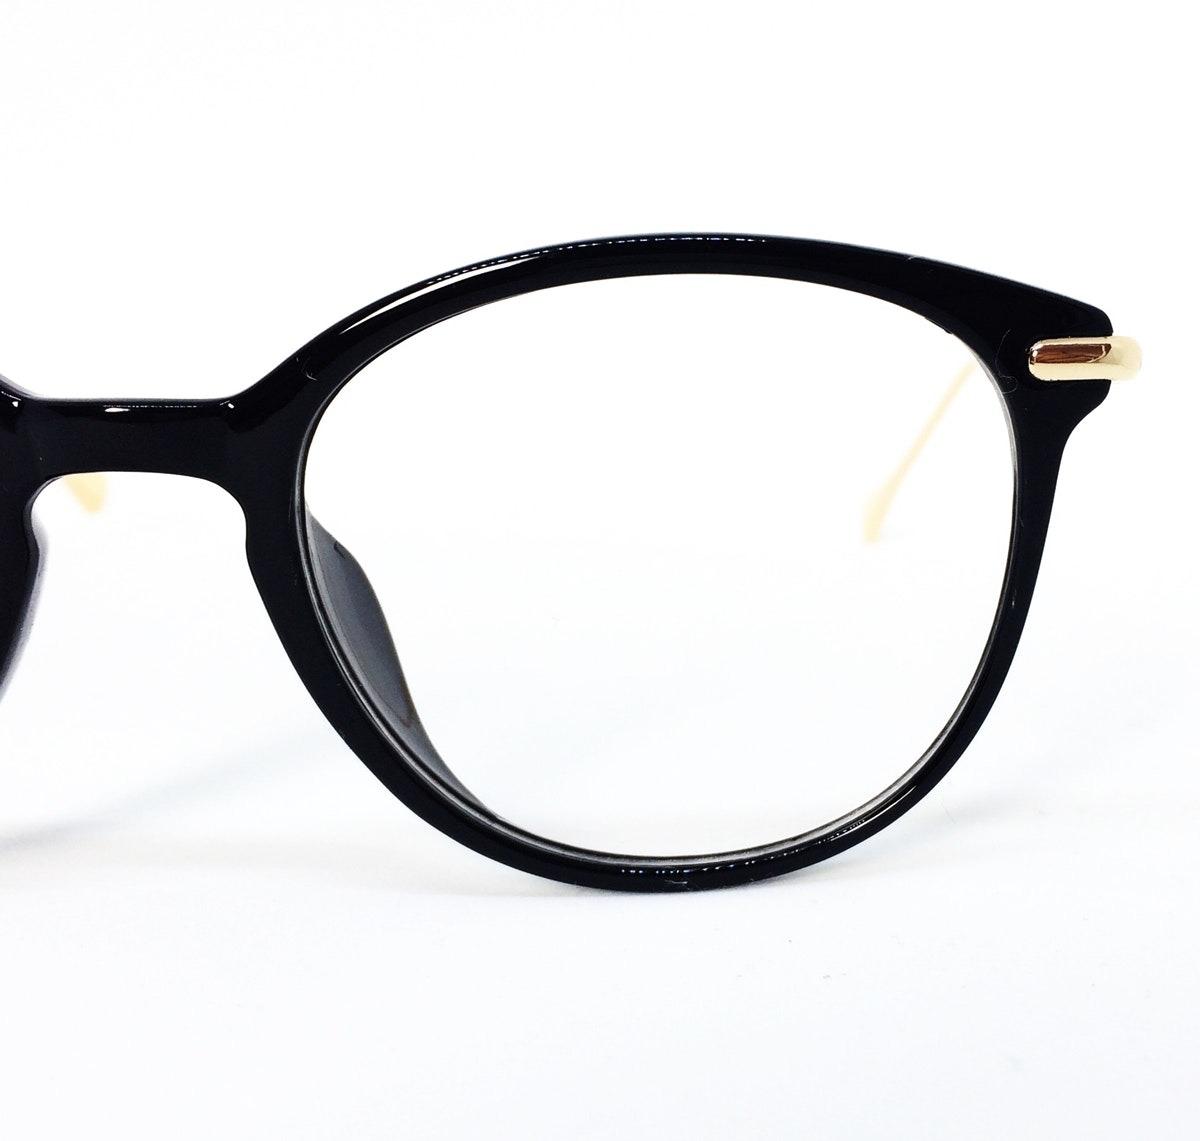 2af2c02a96d2c Armação Redonda Vintage Para Óculos De Grau - Preto - R  77,37 em Mercado  Livre